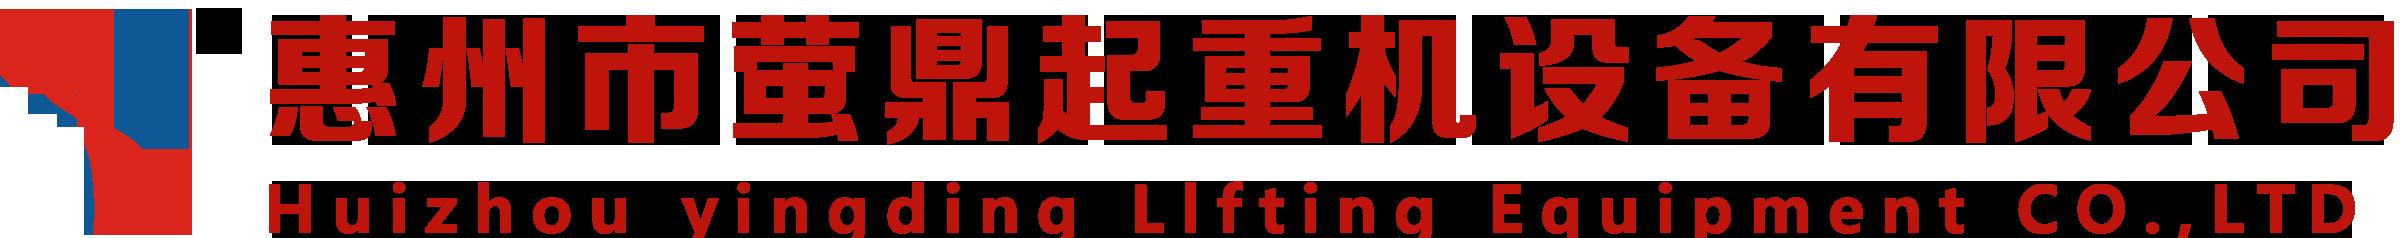 惠州市宏鼎起重设备有限公司